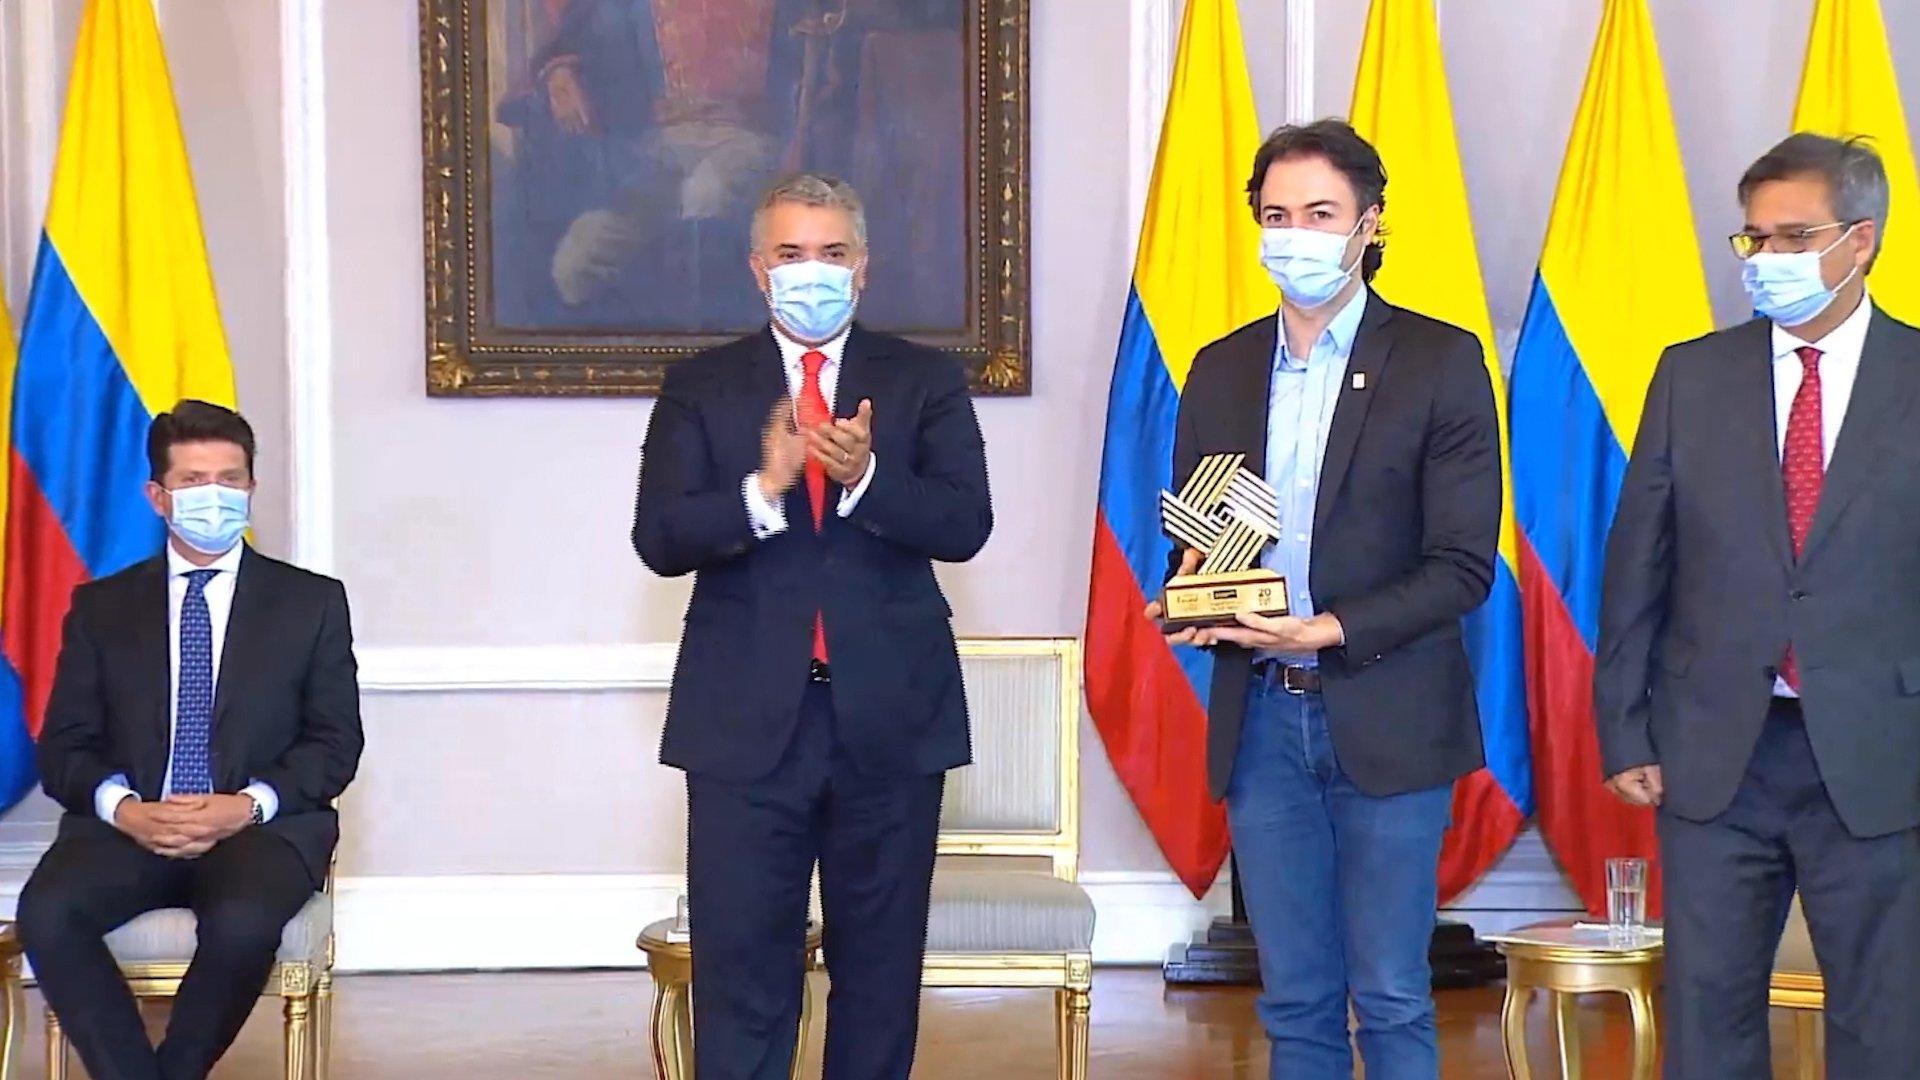 Alcaldía de Medellín recibió el premio nacional de Alta Gerencia 2020